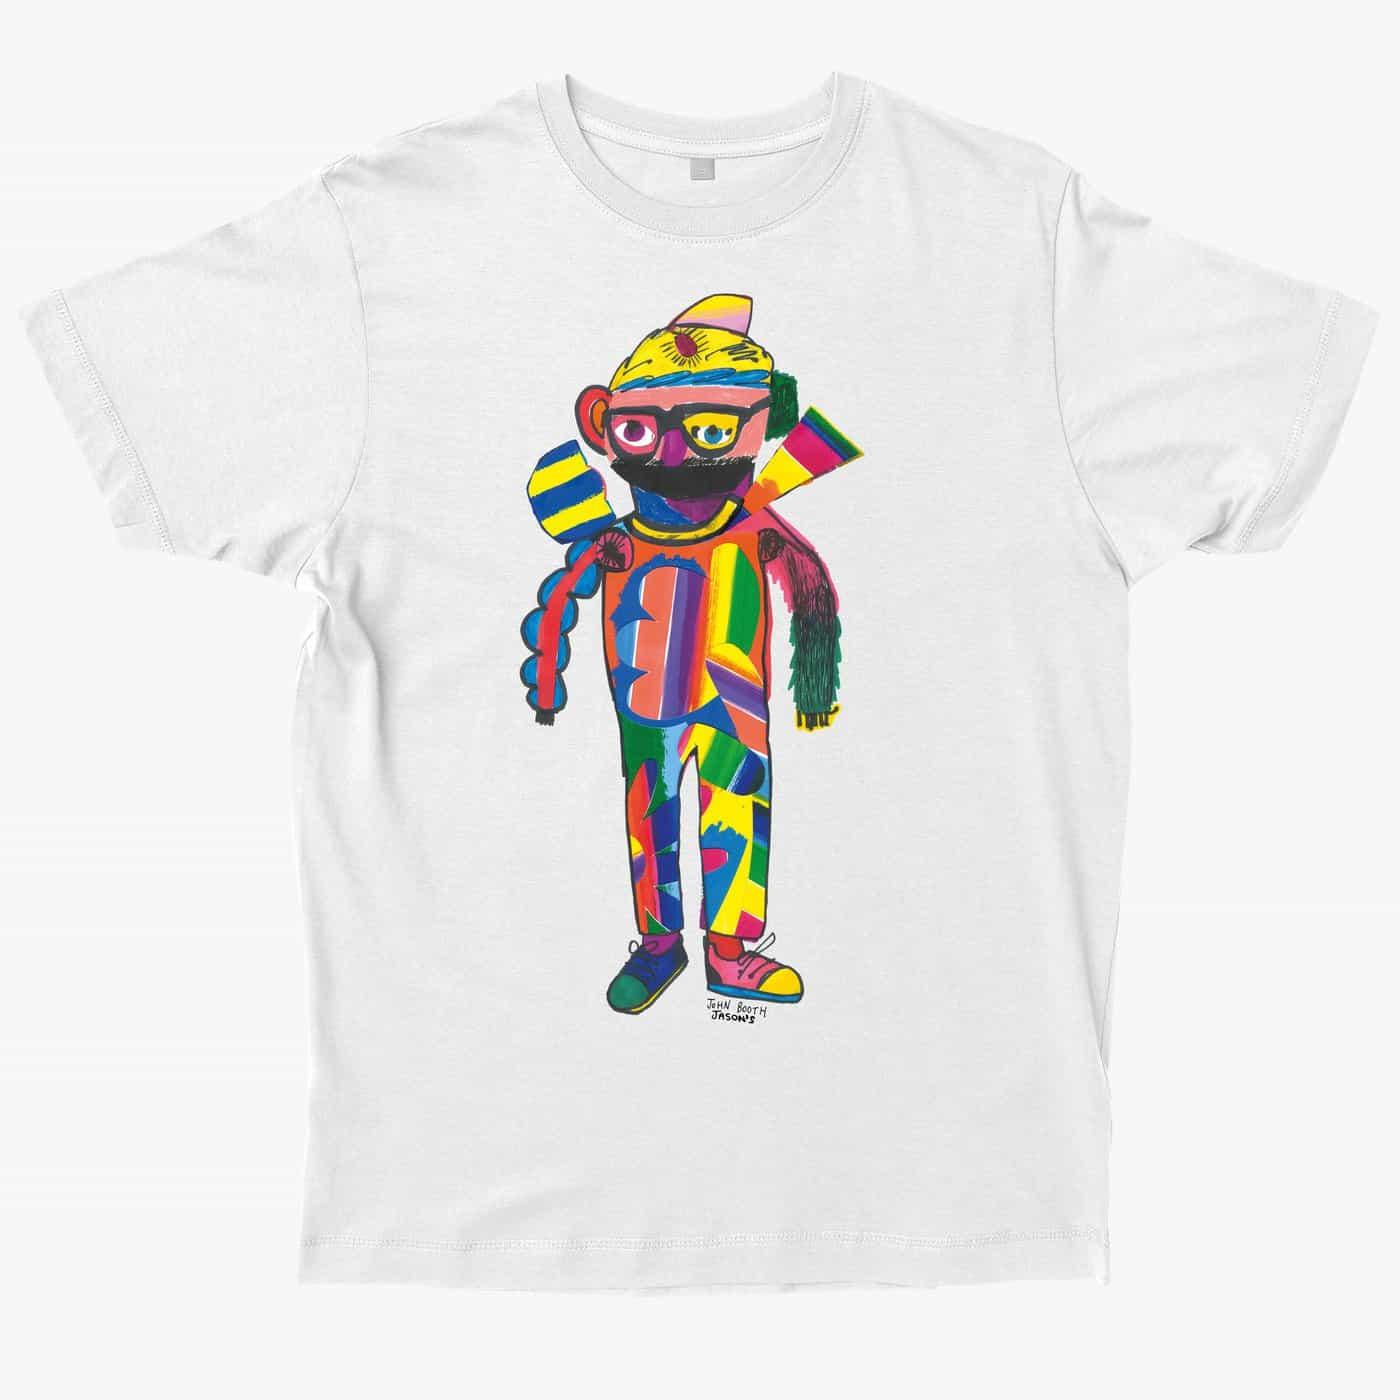 Amor someterse a estudios de lanzar una colección de camisetas colaborar con grandes creativos